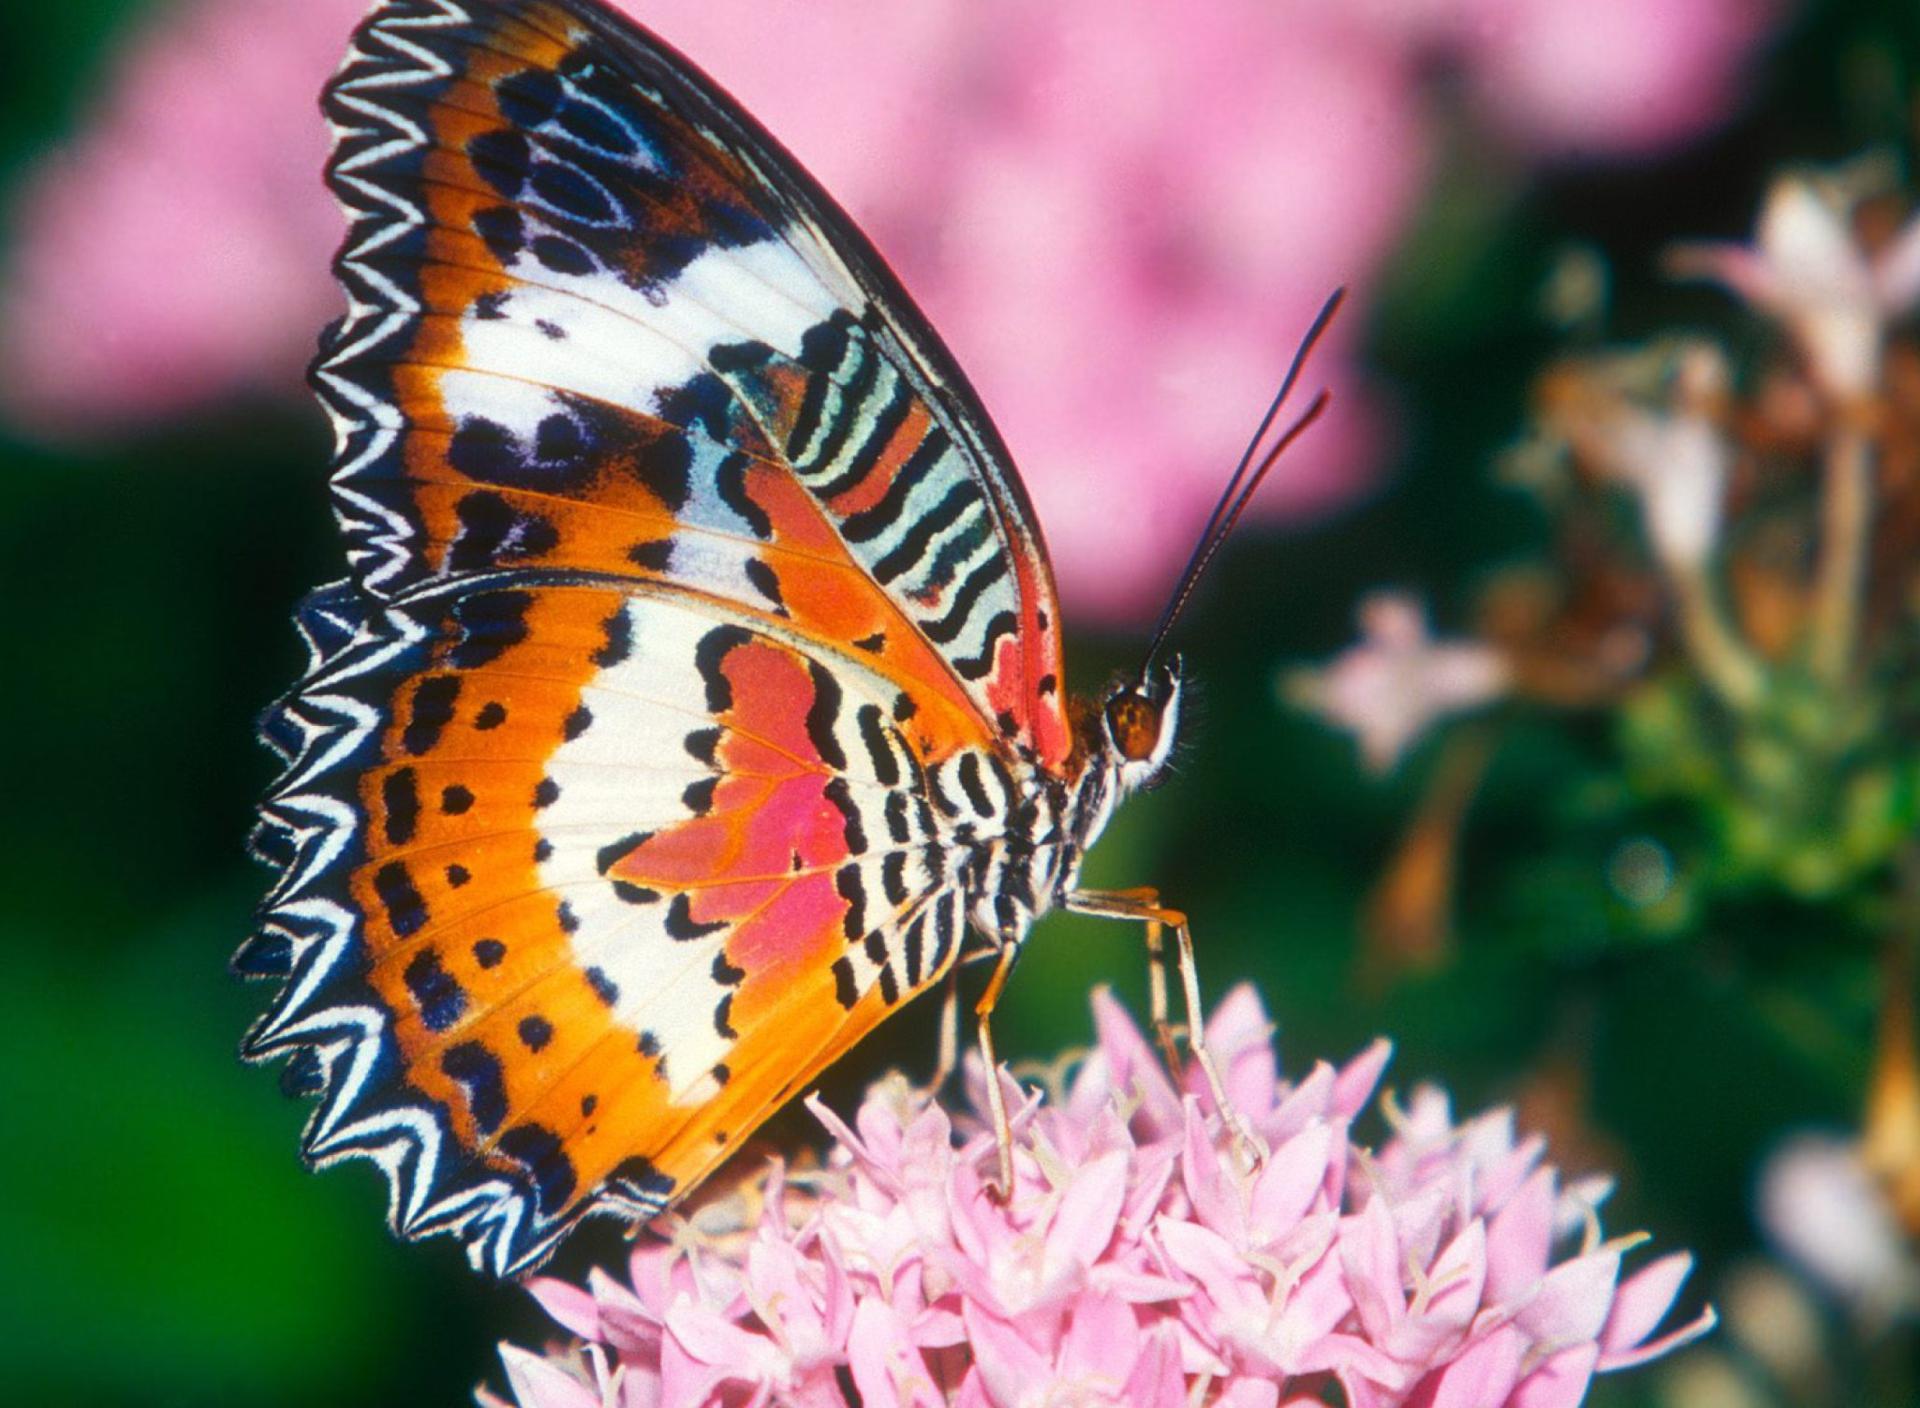 Indahnya Kupu Kupu dengan Bunga Merah Muda